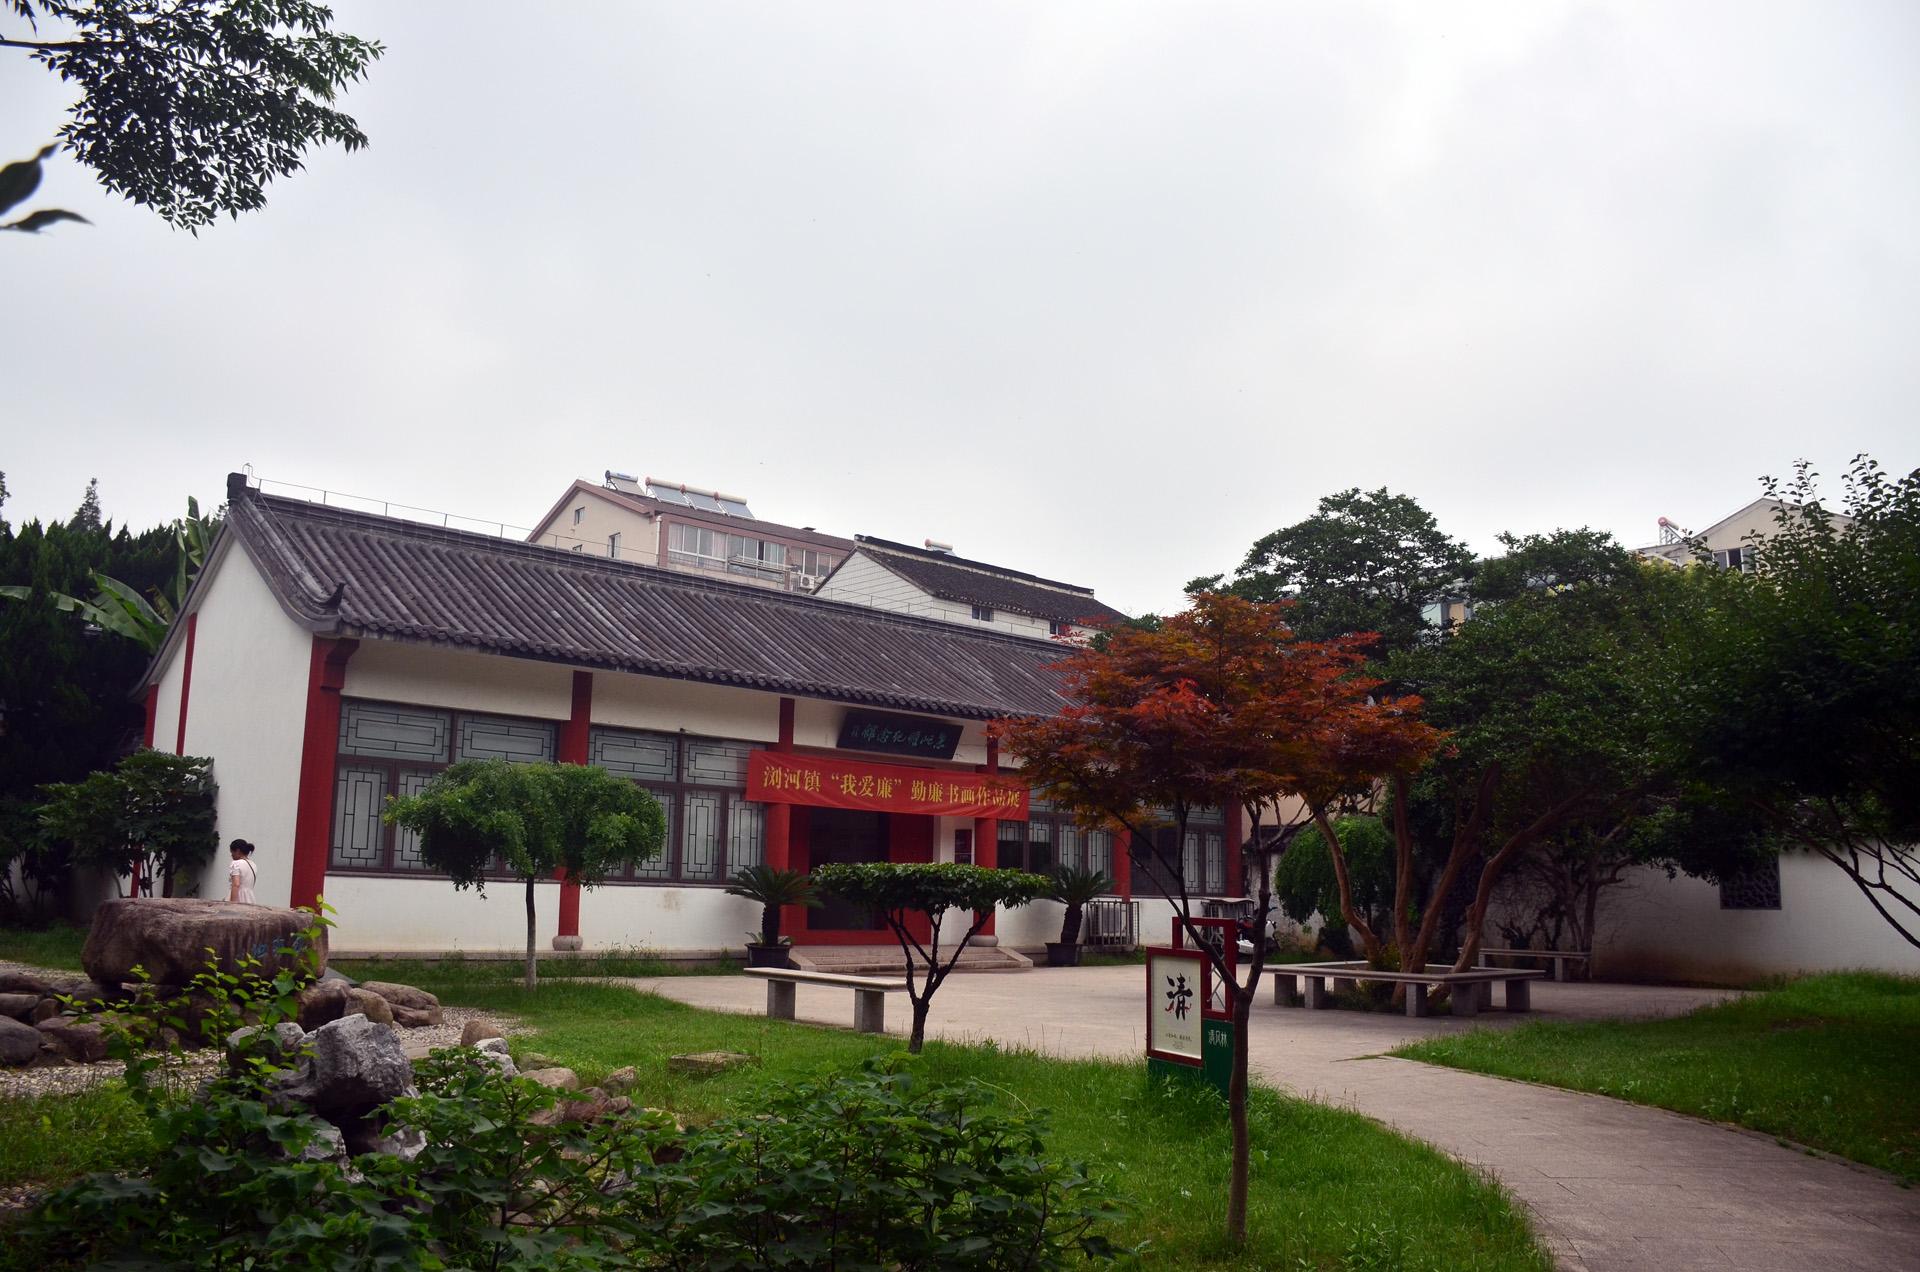 太仓市浏河镇朱屺瞻纪念馆组图 摄影 这里是太仓 第8张